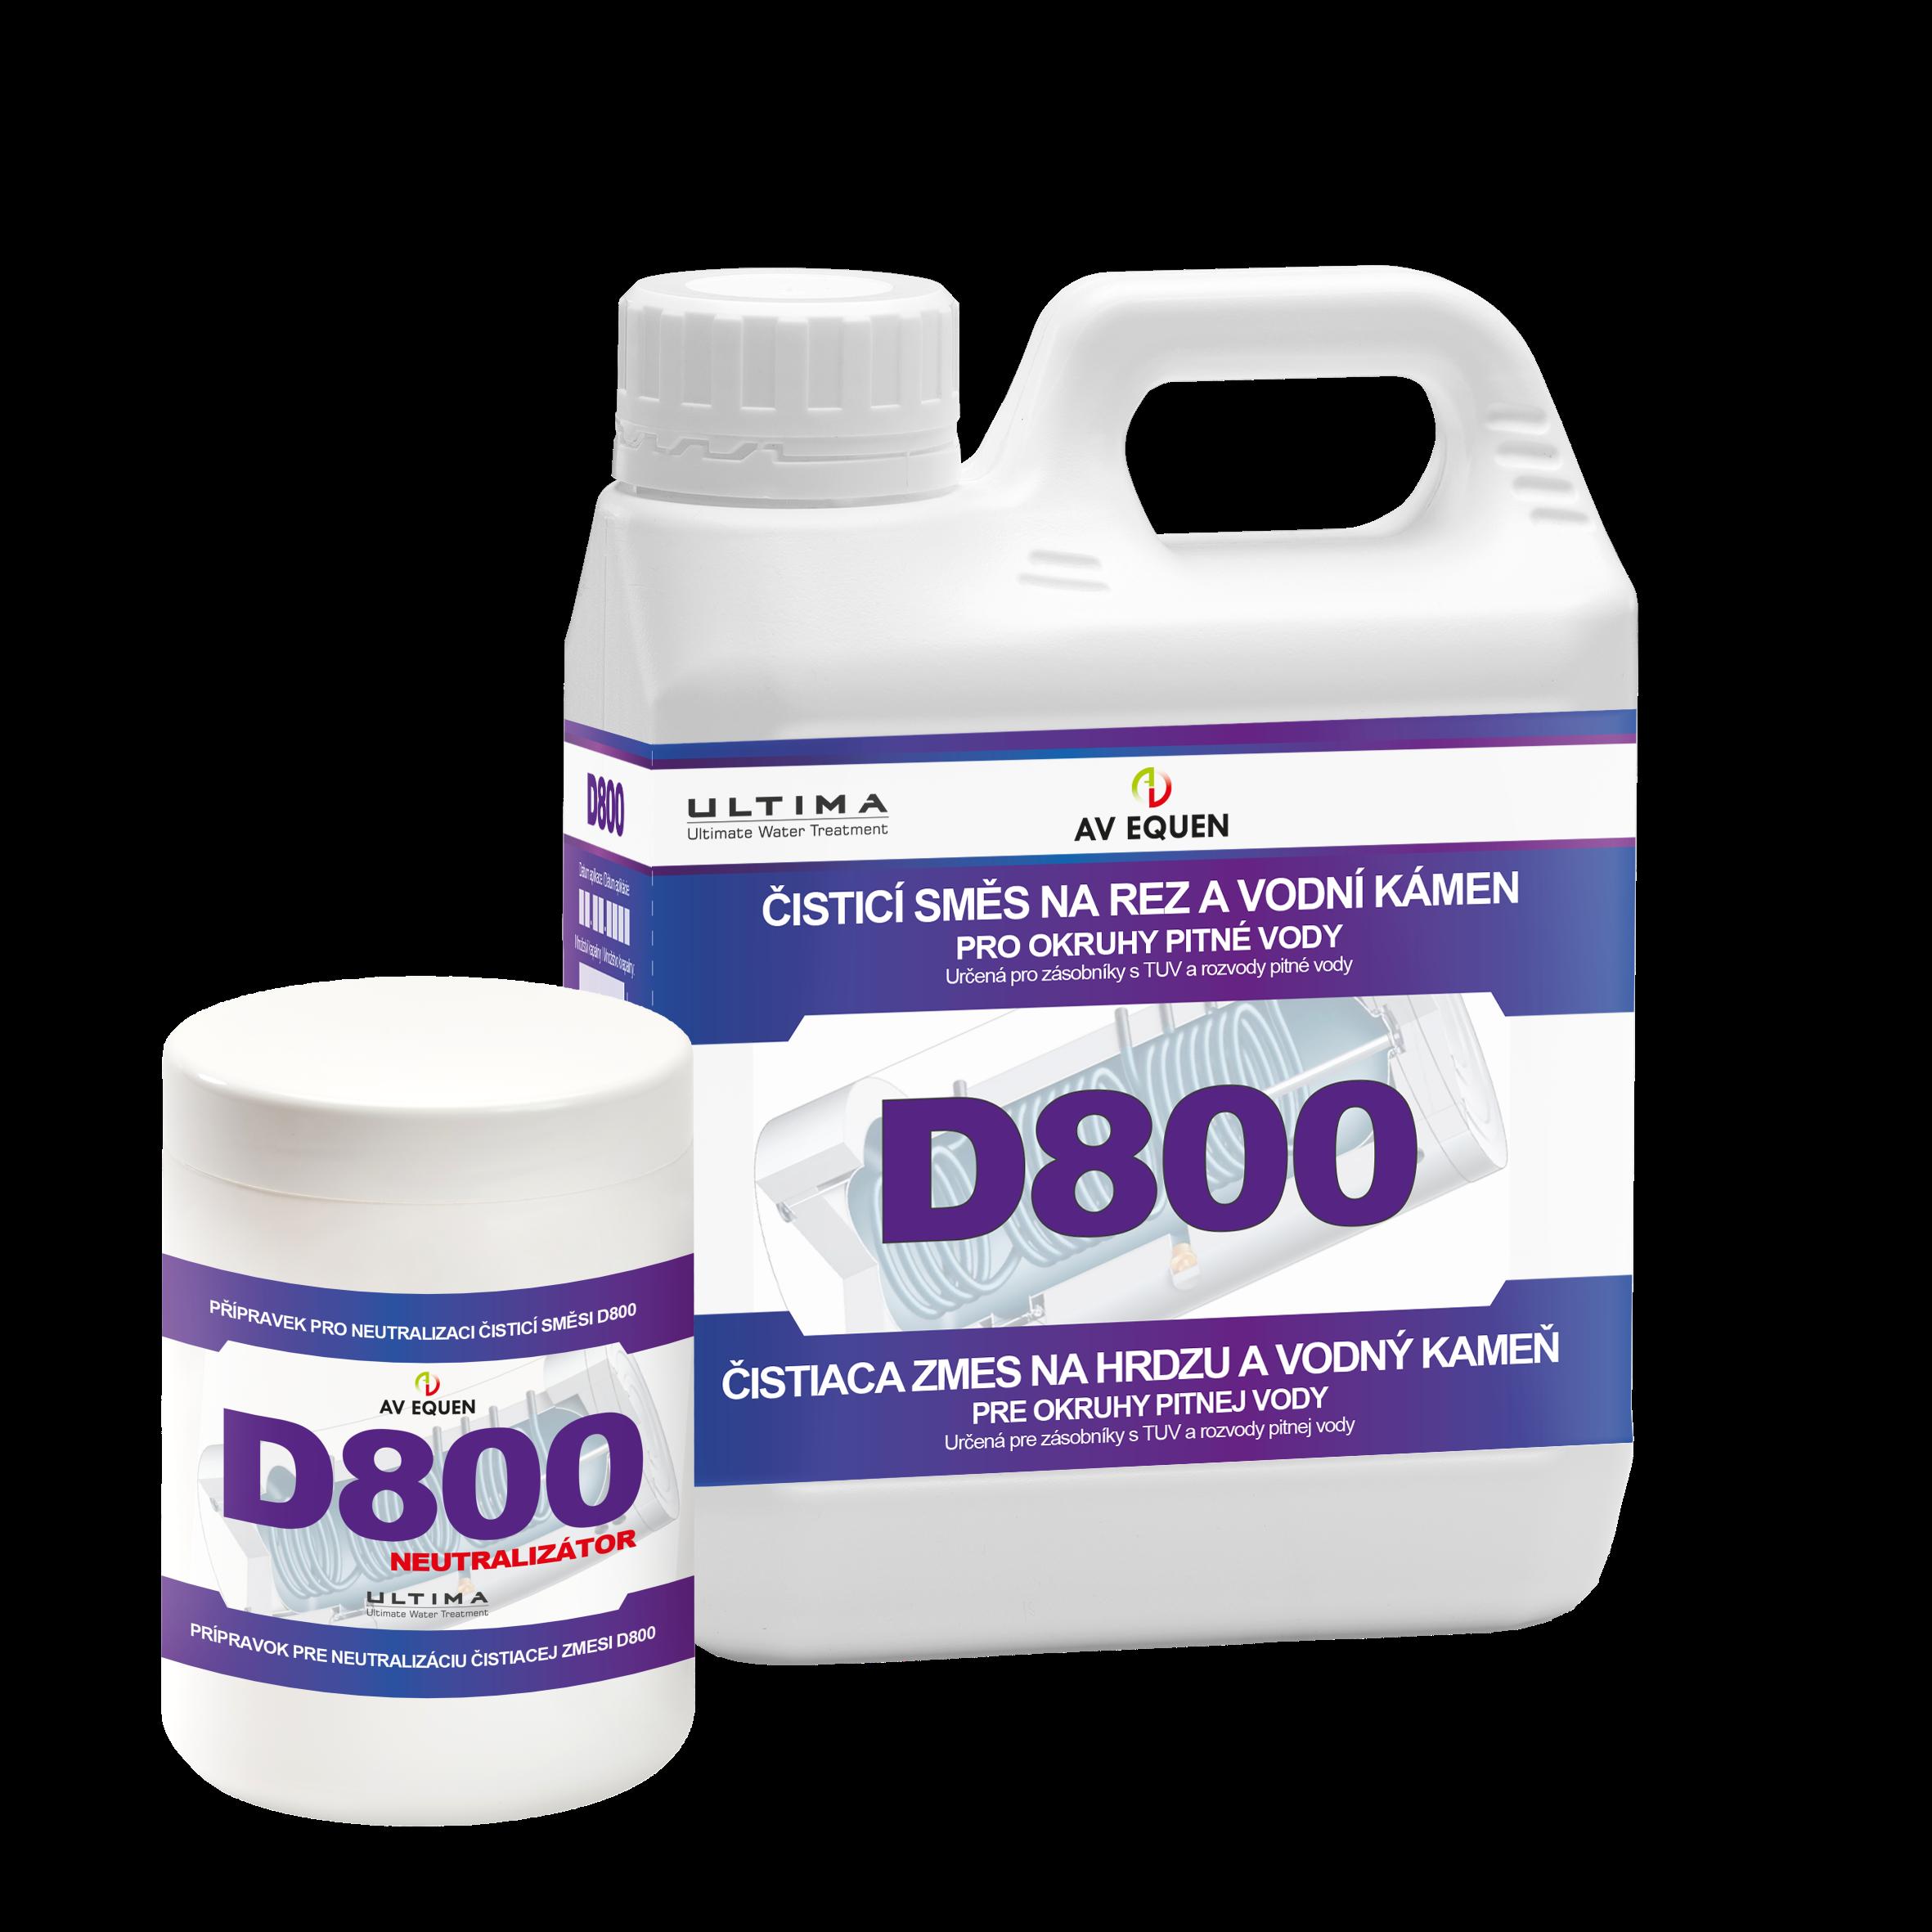 D800: Koncentrovaná čisticí směs určená k odstranění vodního kamene a rz